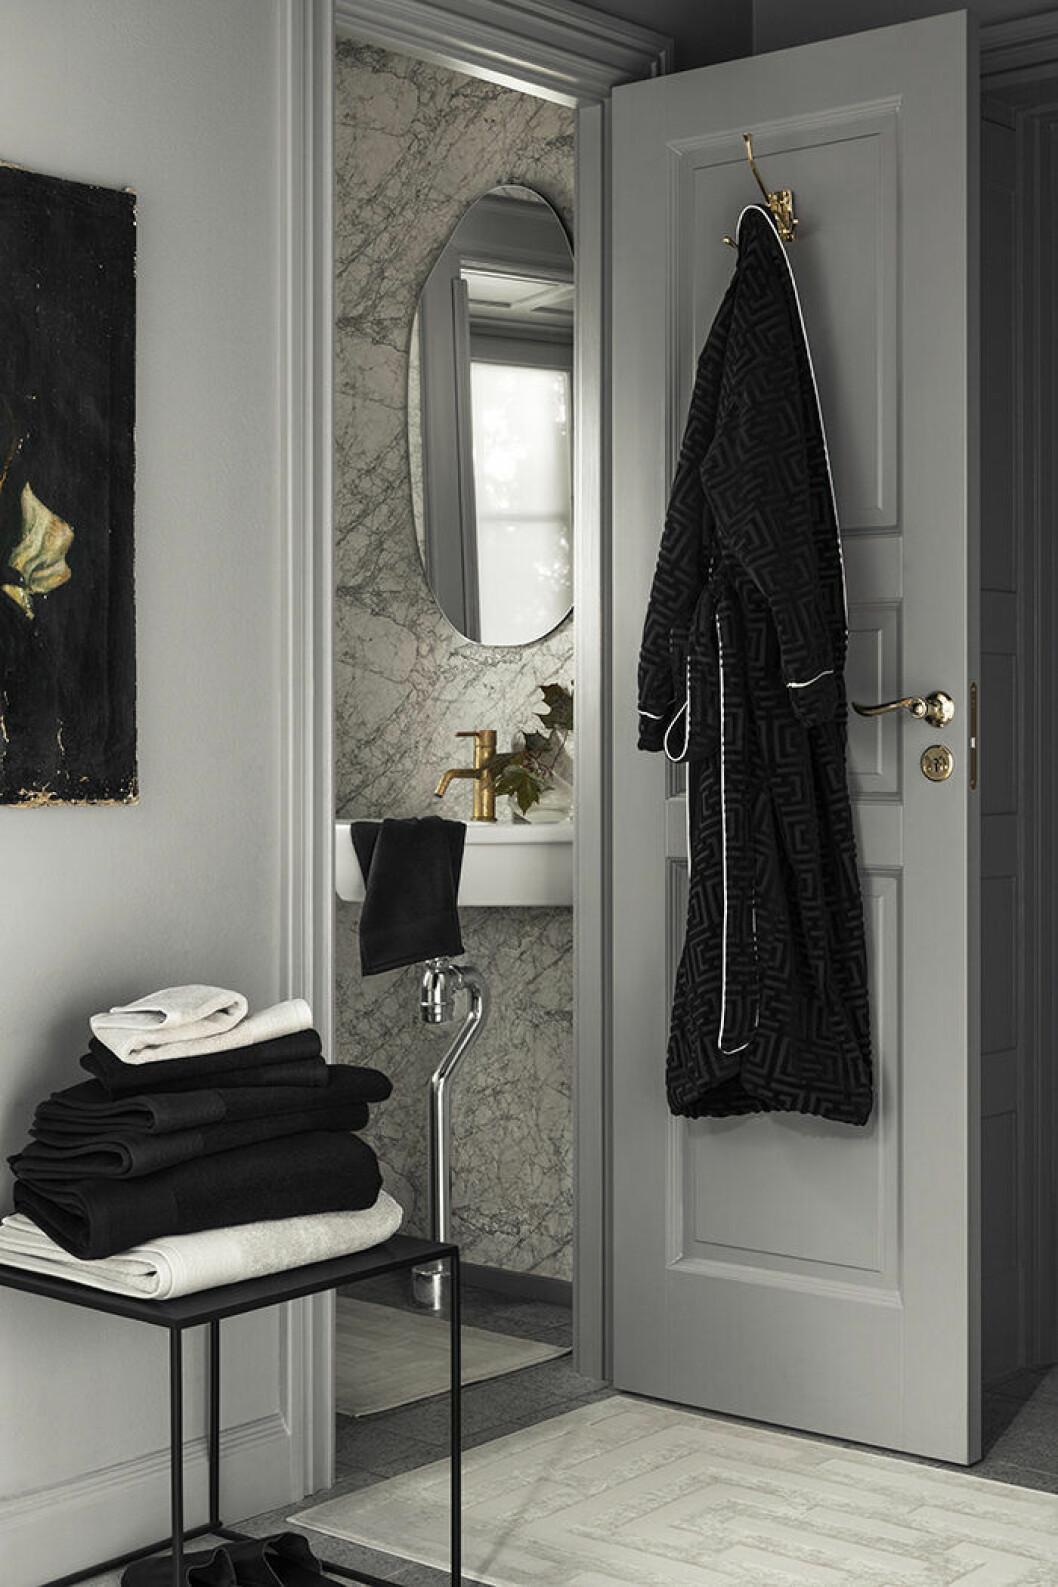 Hotellstil i badrummet är trendigt – och riktigt snyggt – hos H&M Home